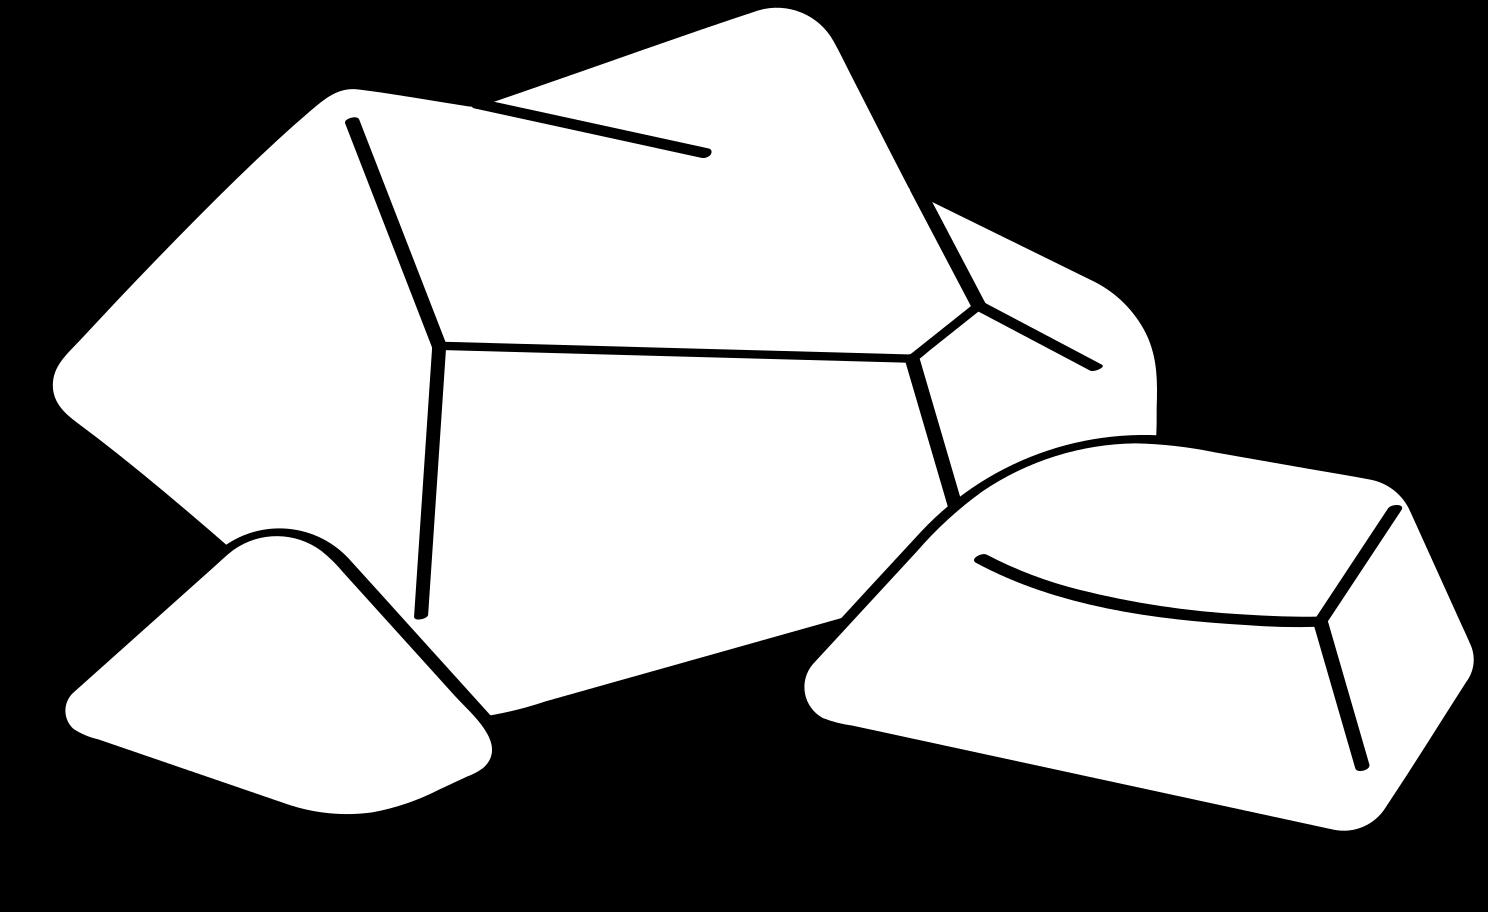 rocks Clipart illustration in PNG, SVG